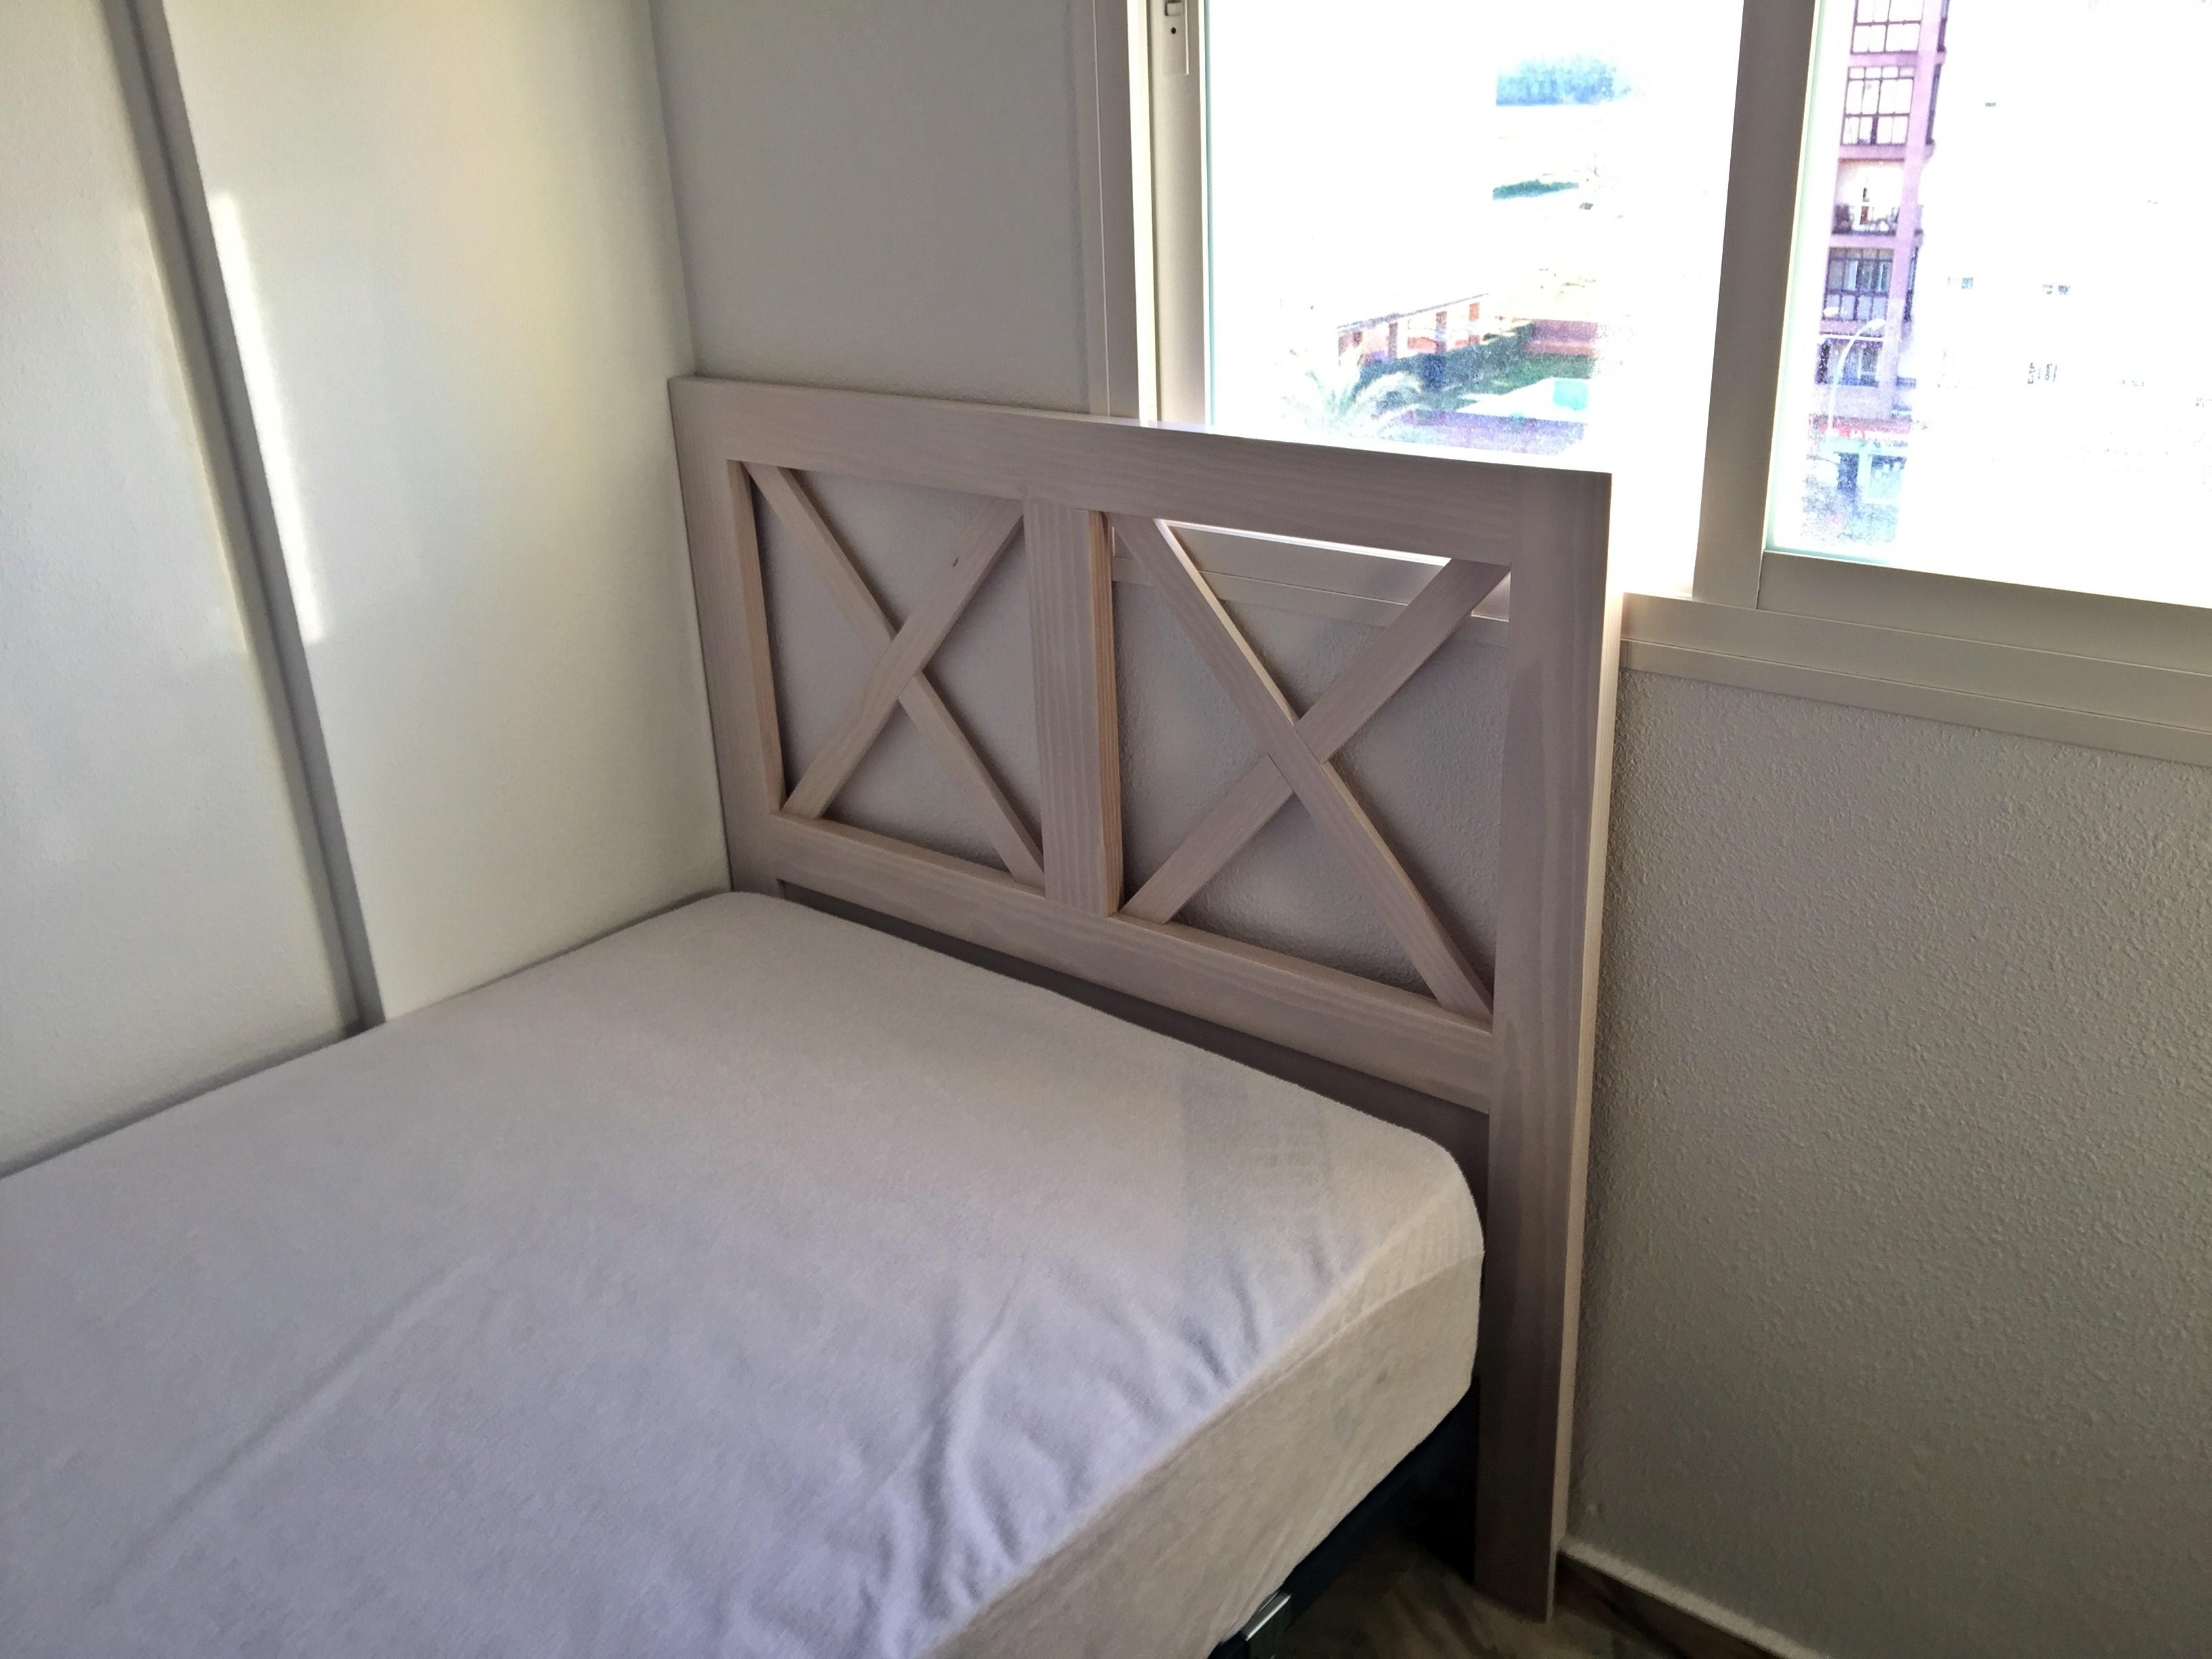 axis carpinteria y diseño badajoz mueble a medida decoracion interiorismo madera handmade  (6)